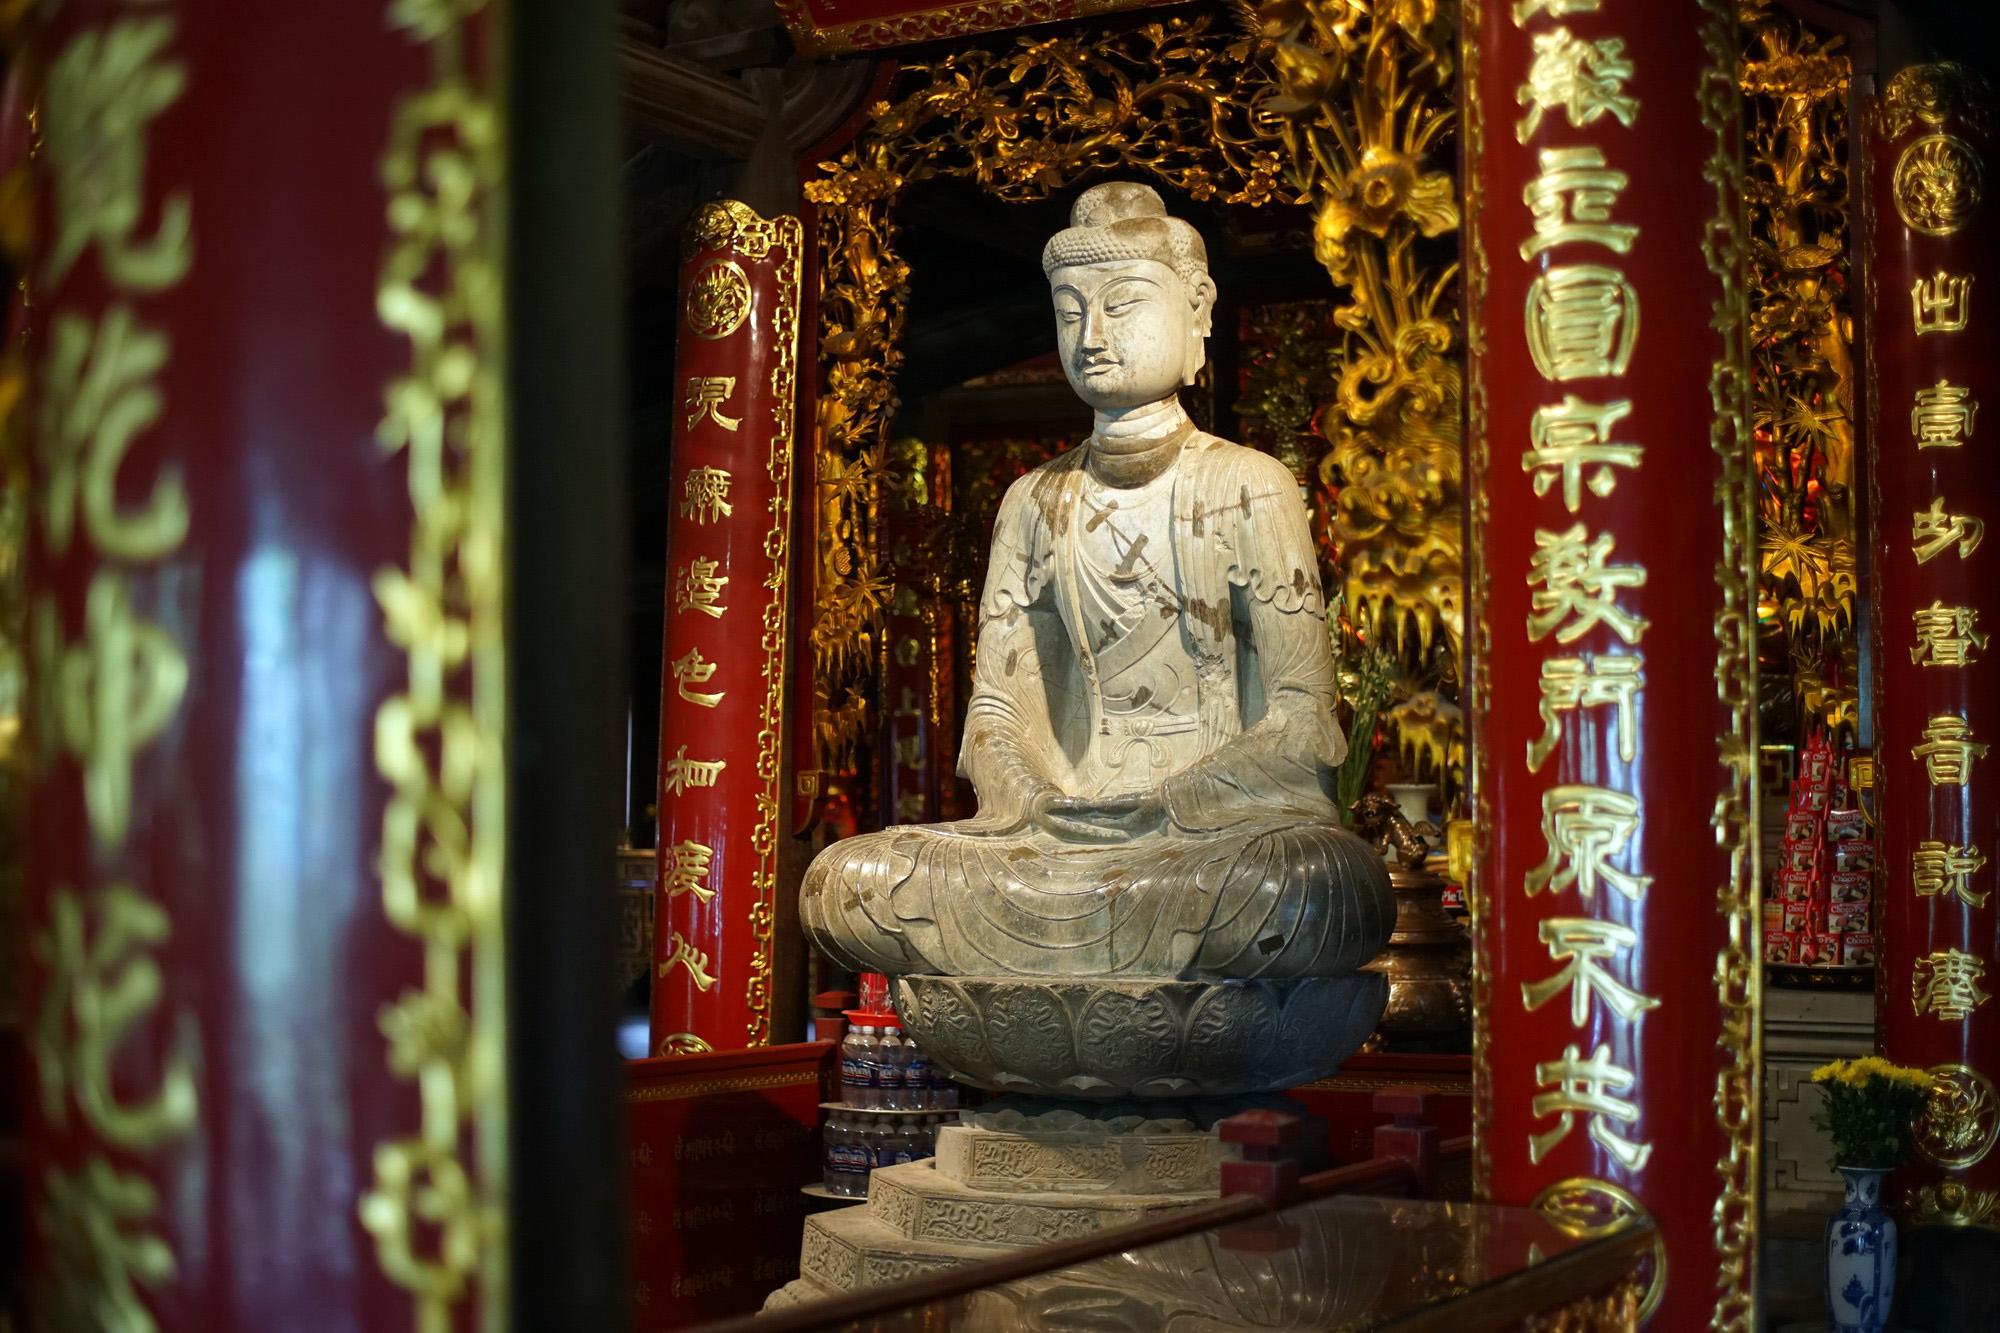 Vài nét về nghệ thuật tạo hình tượng Phật của người Việt